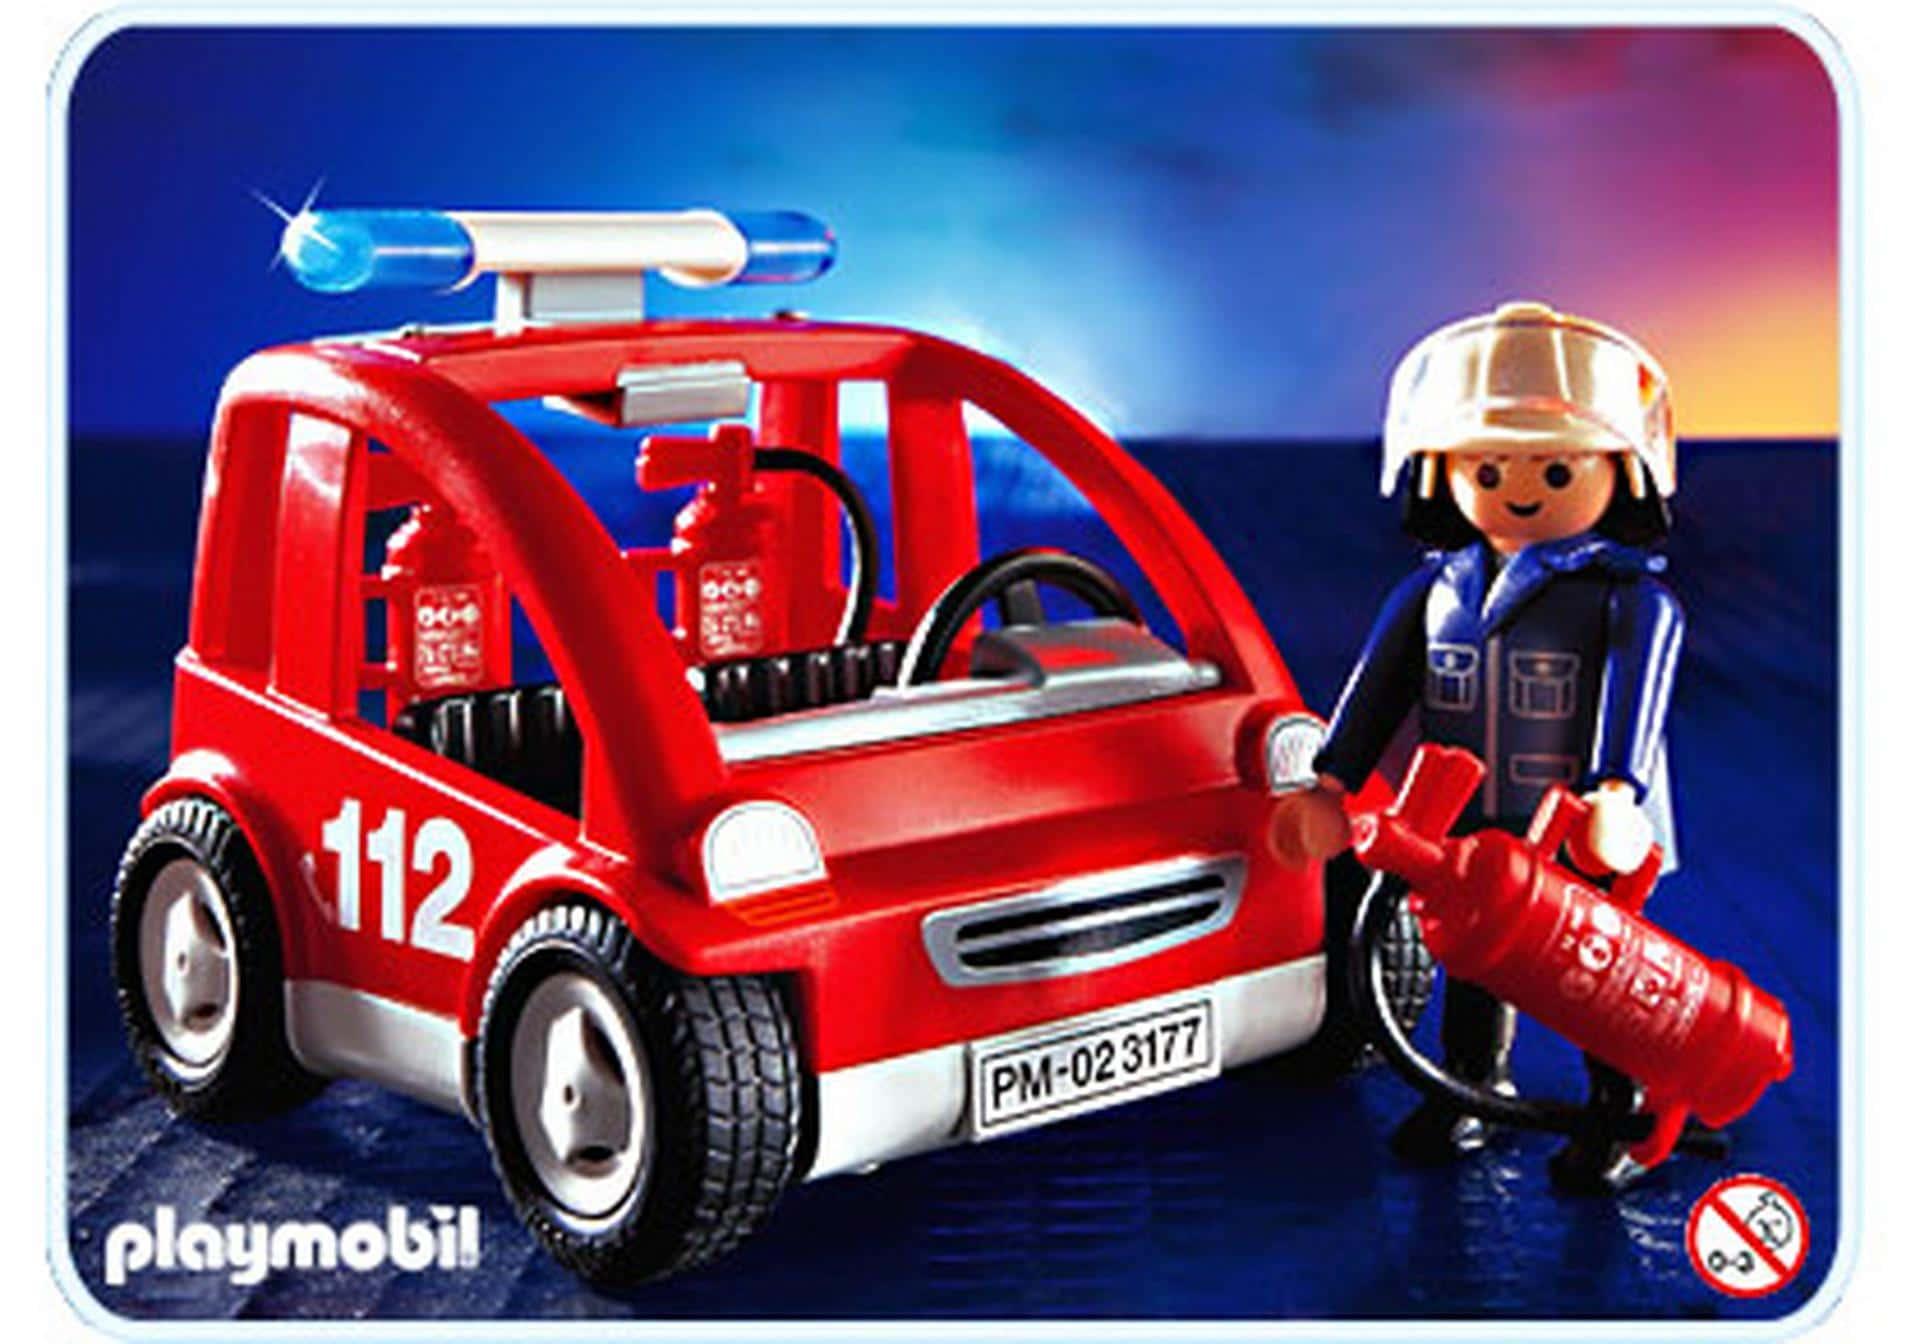 Voiturette de pompier Playmobil 3177